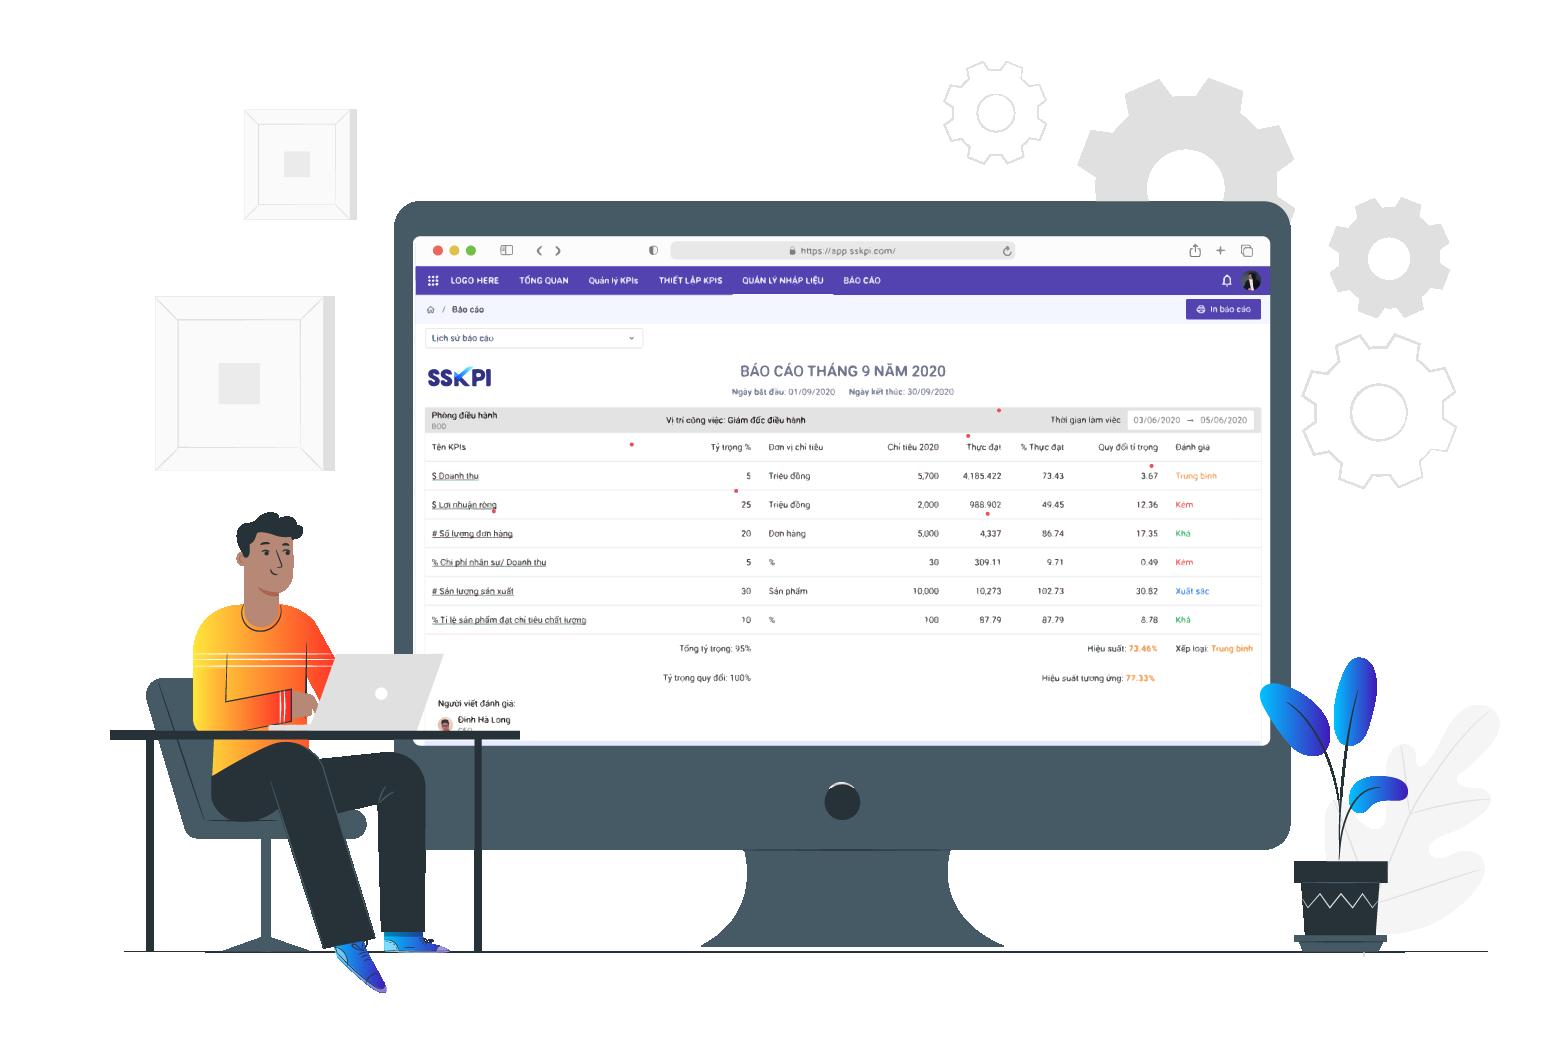 kpi-management software